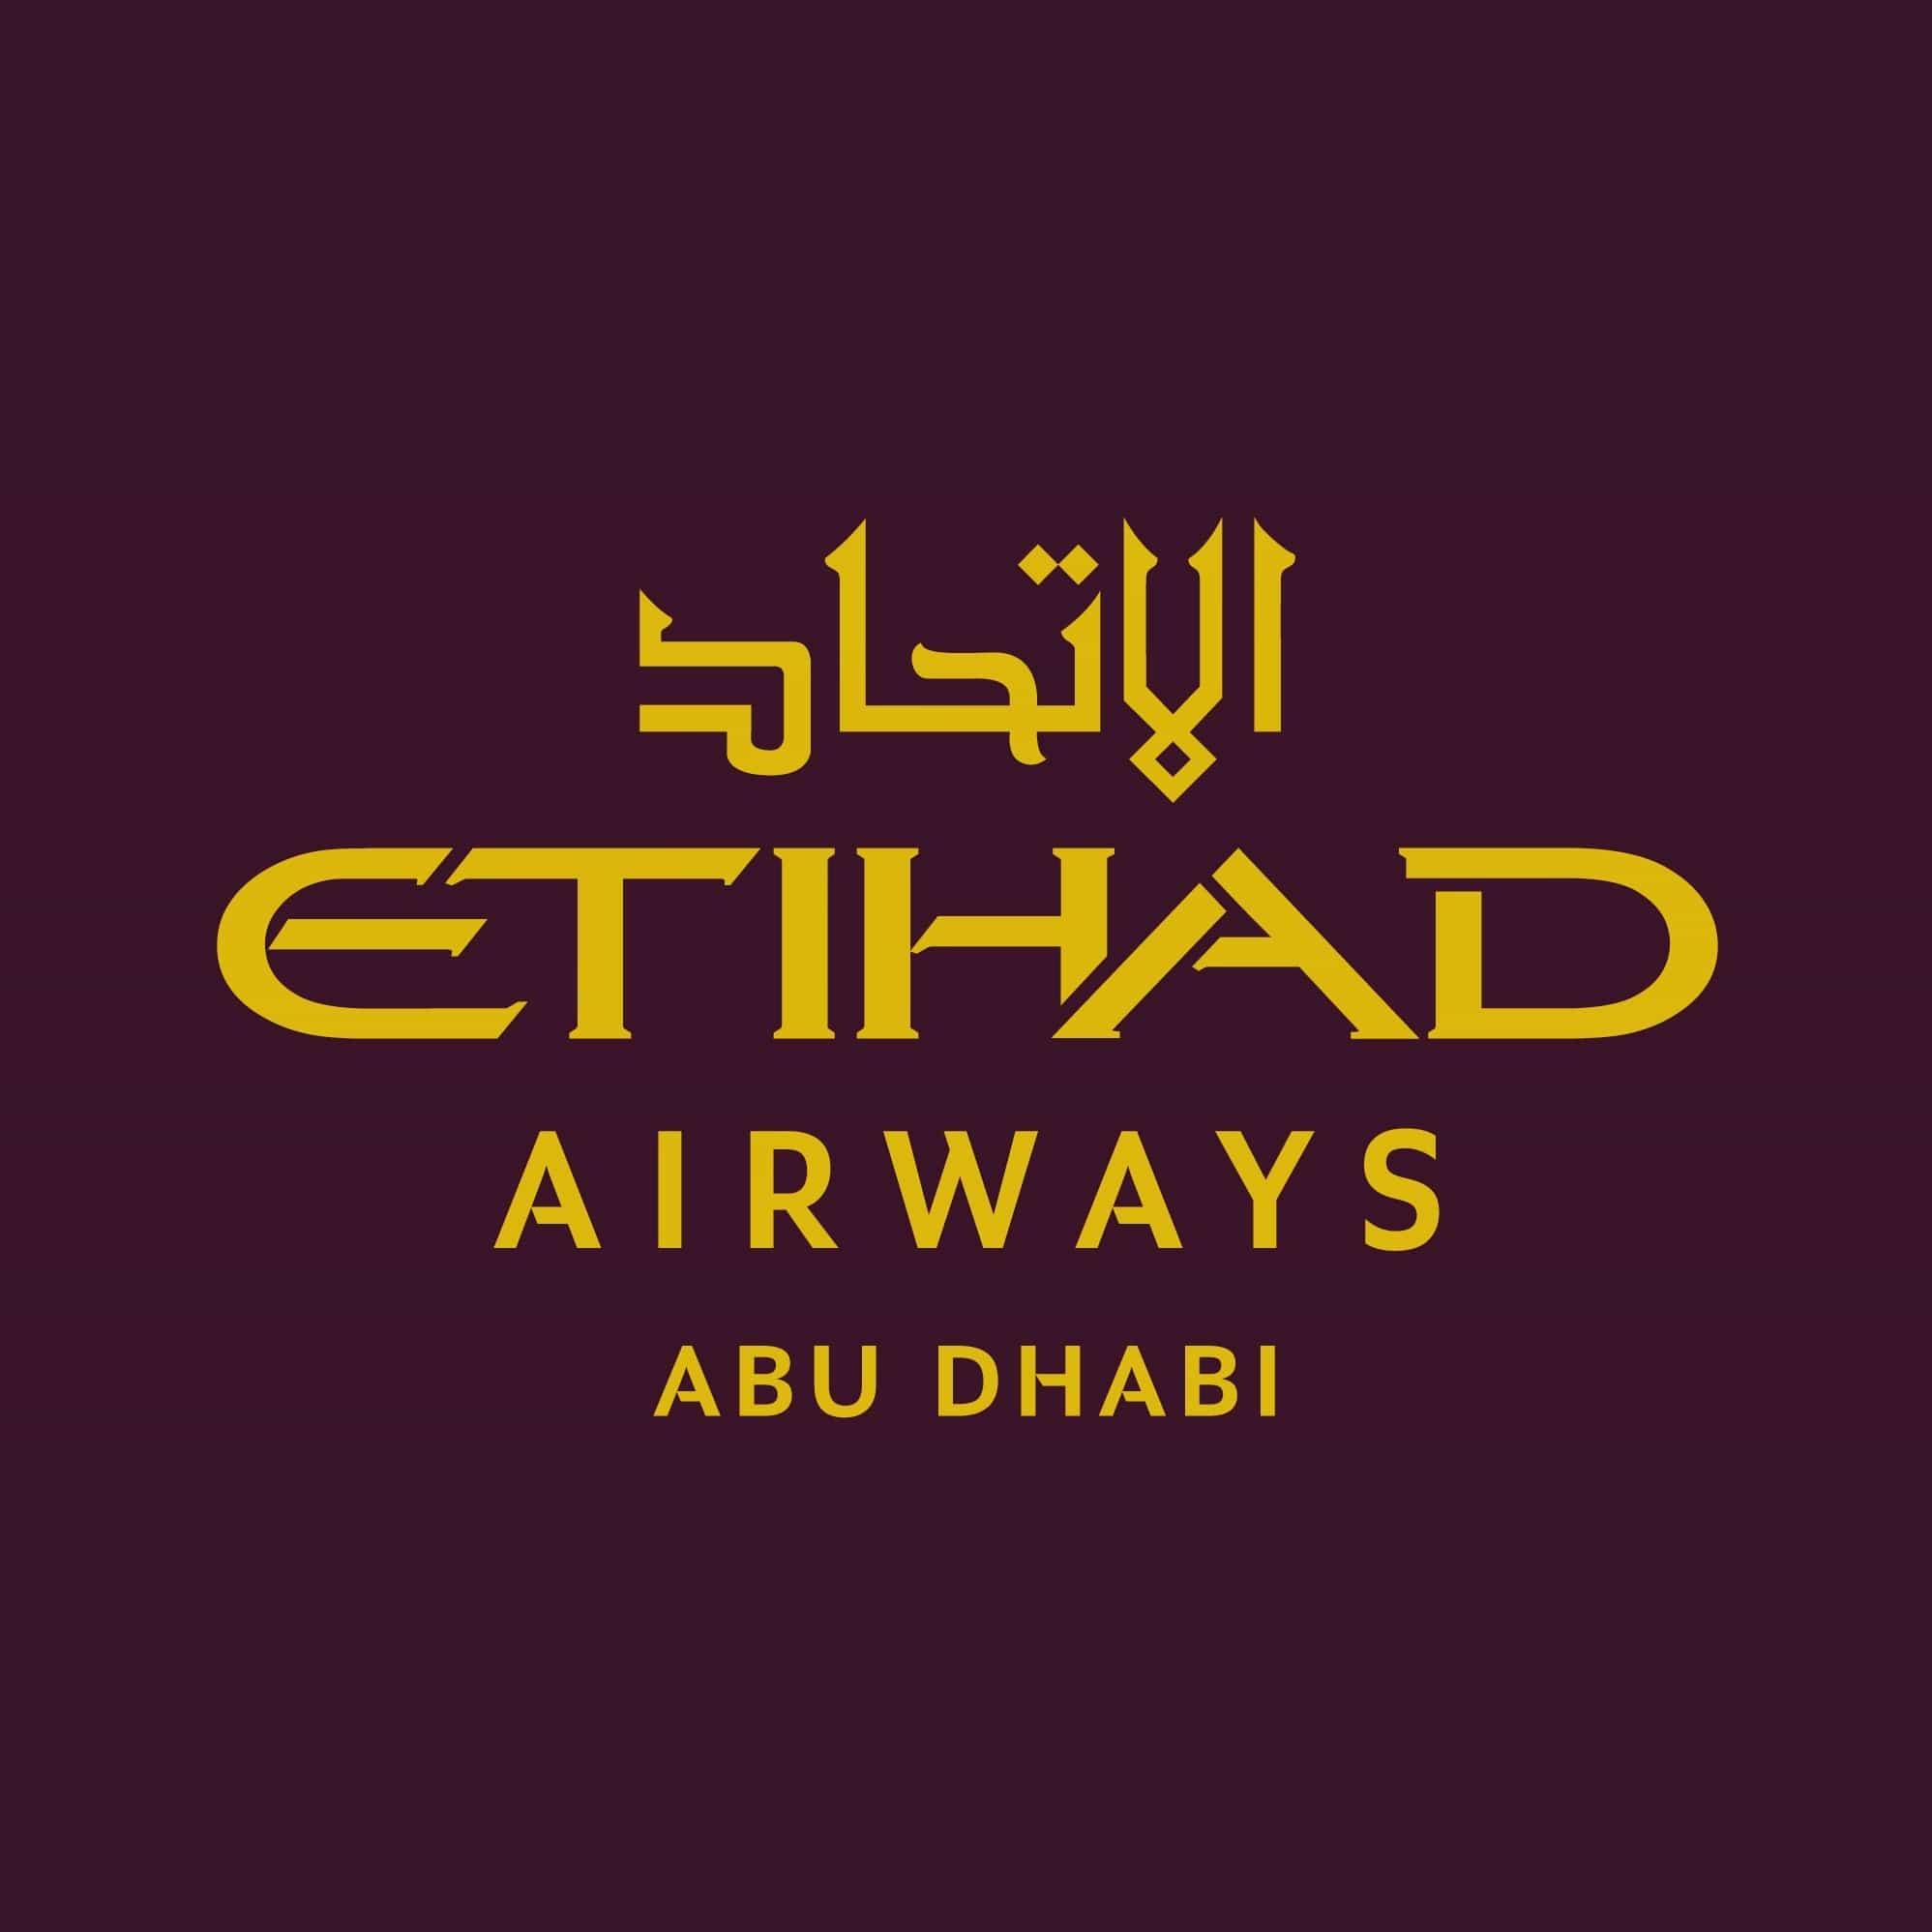 Ethihad